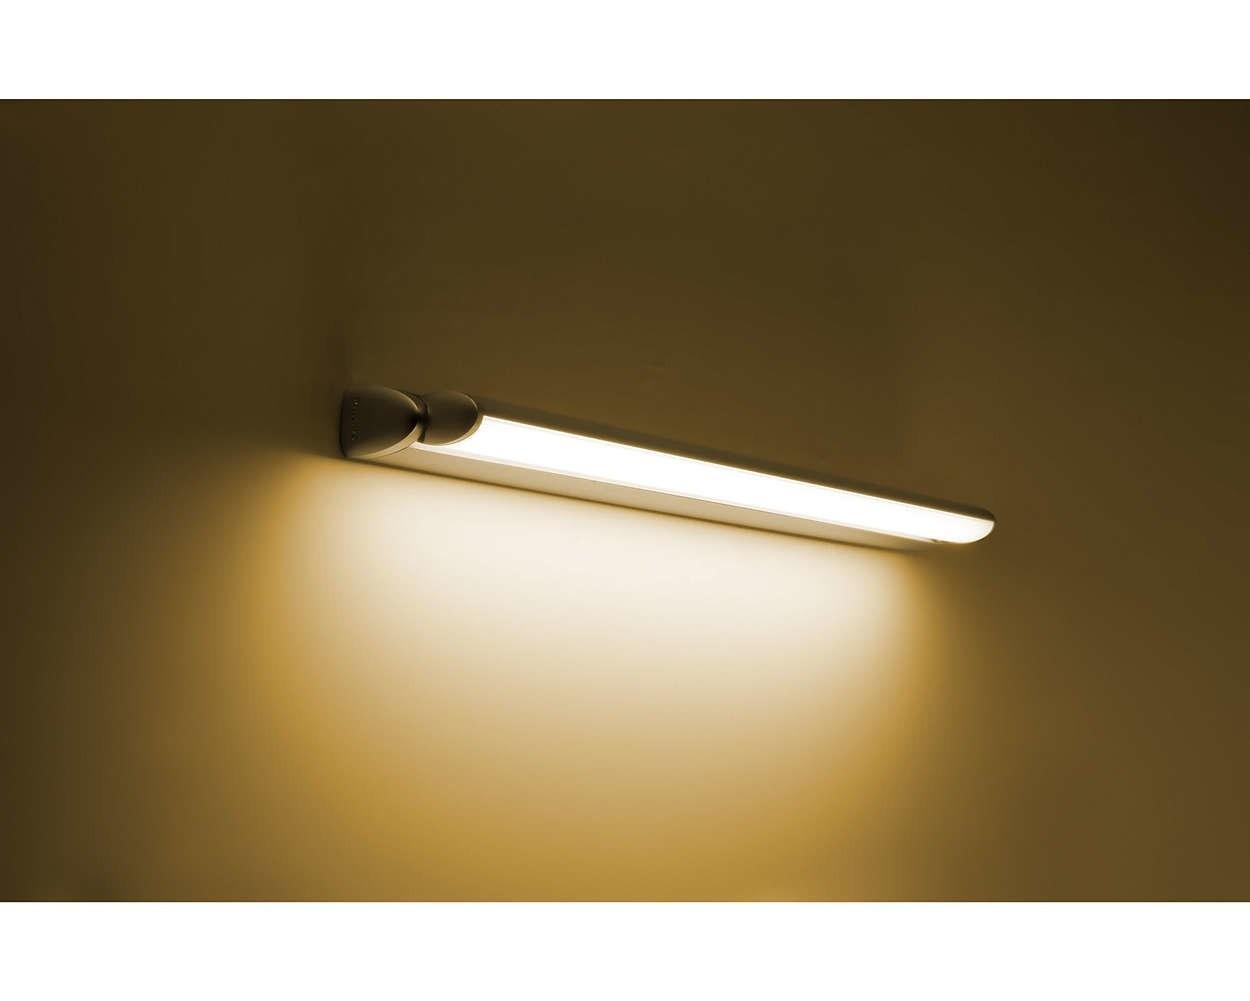 Applique led orientabile w philips lamine luce calda k